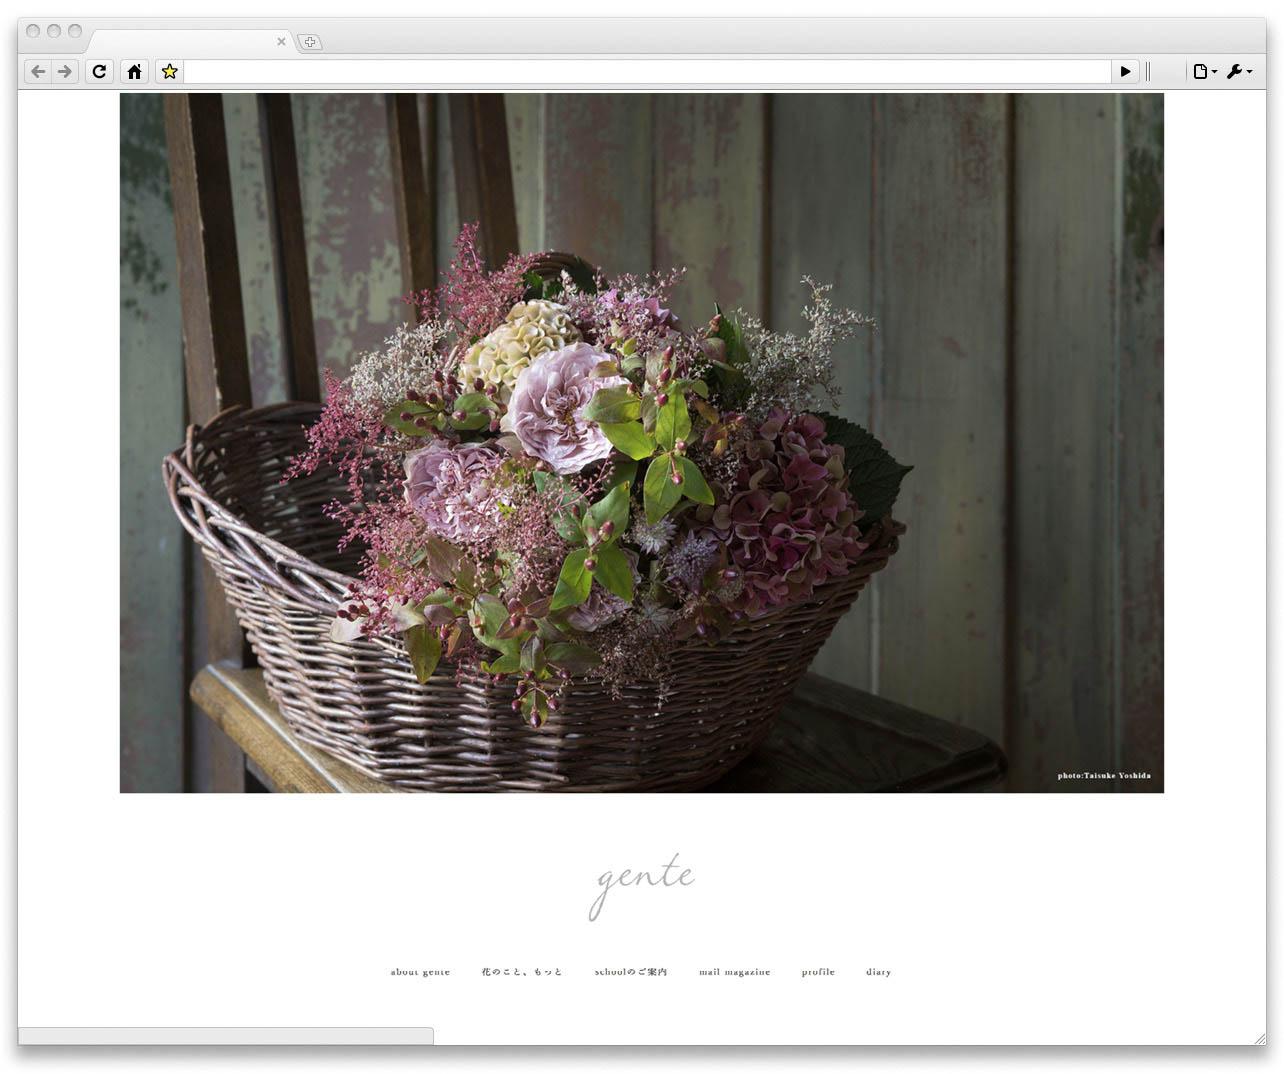 gente webデザイン topページ